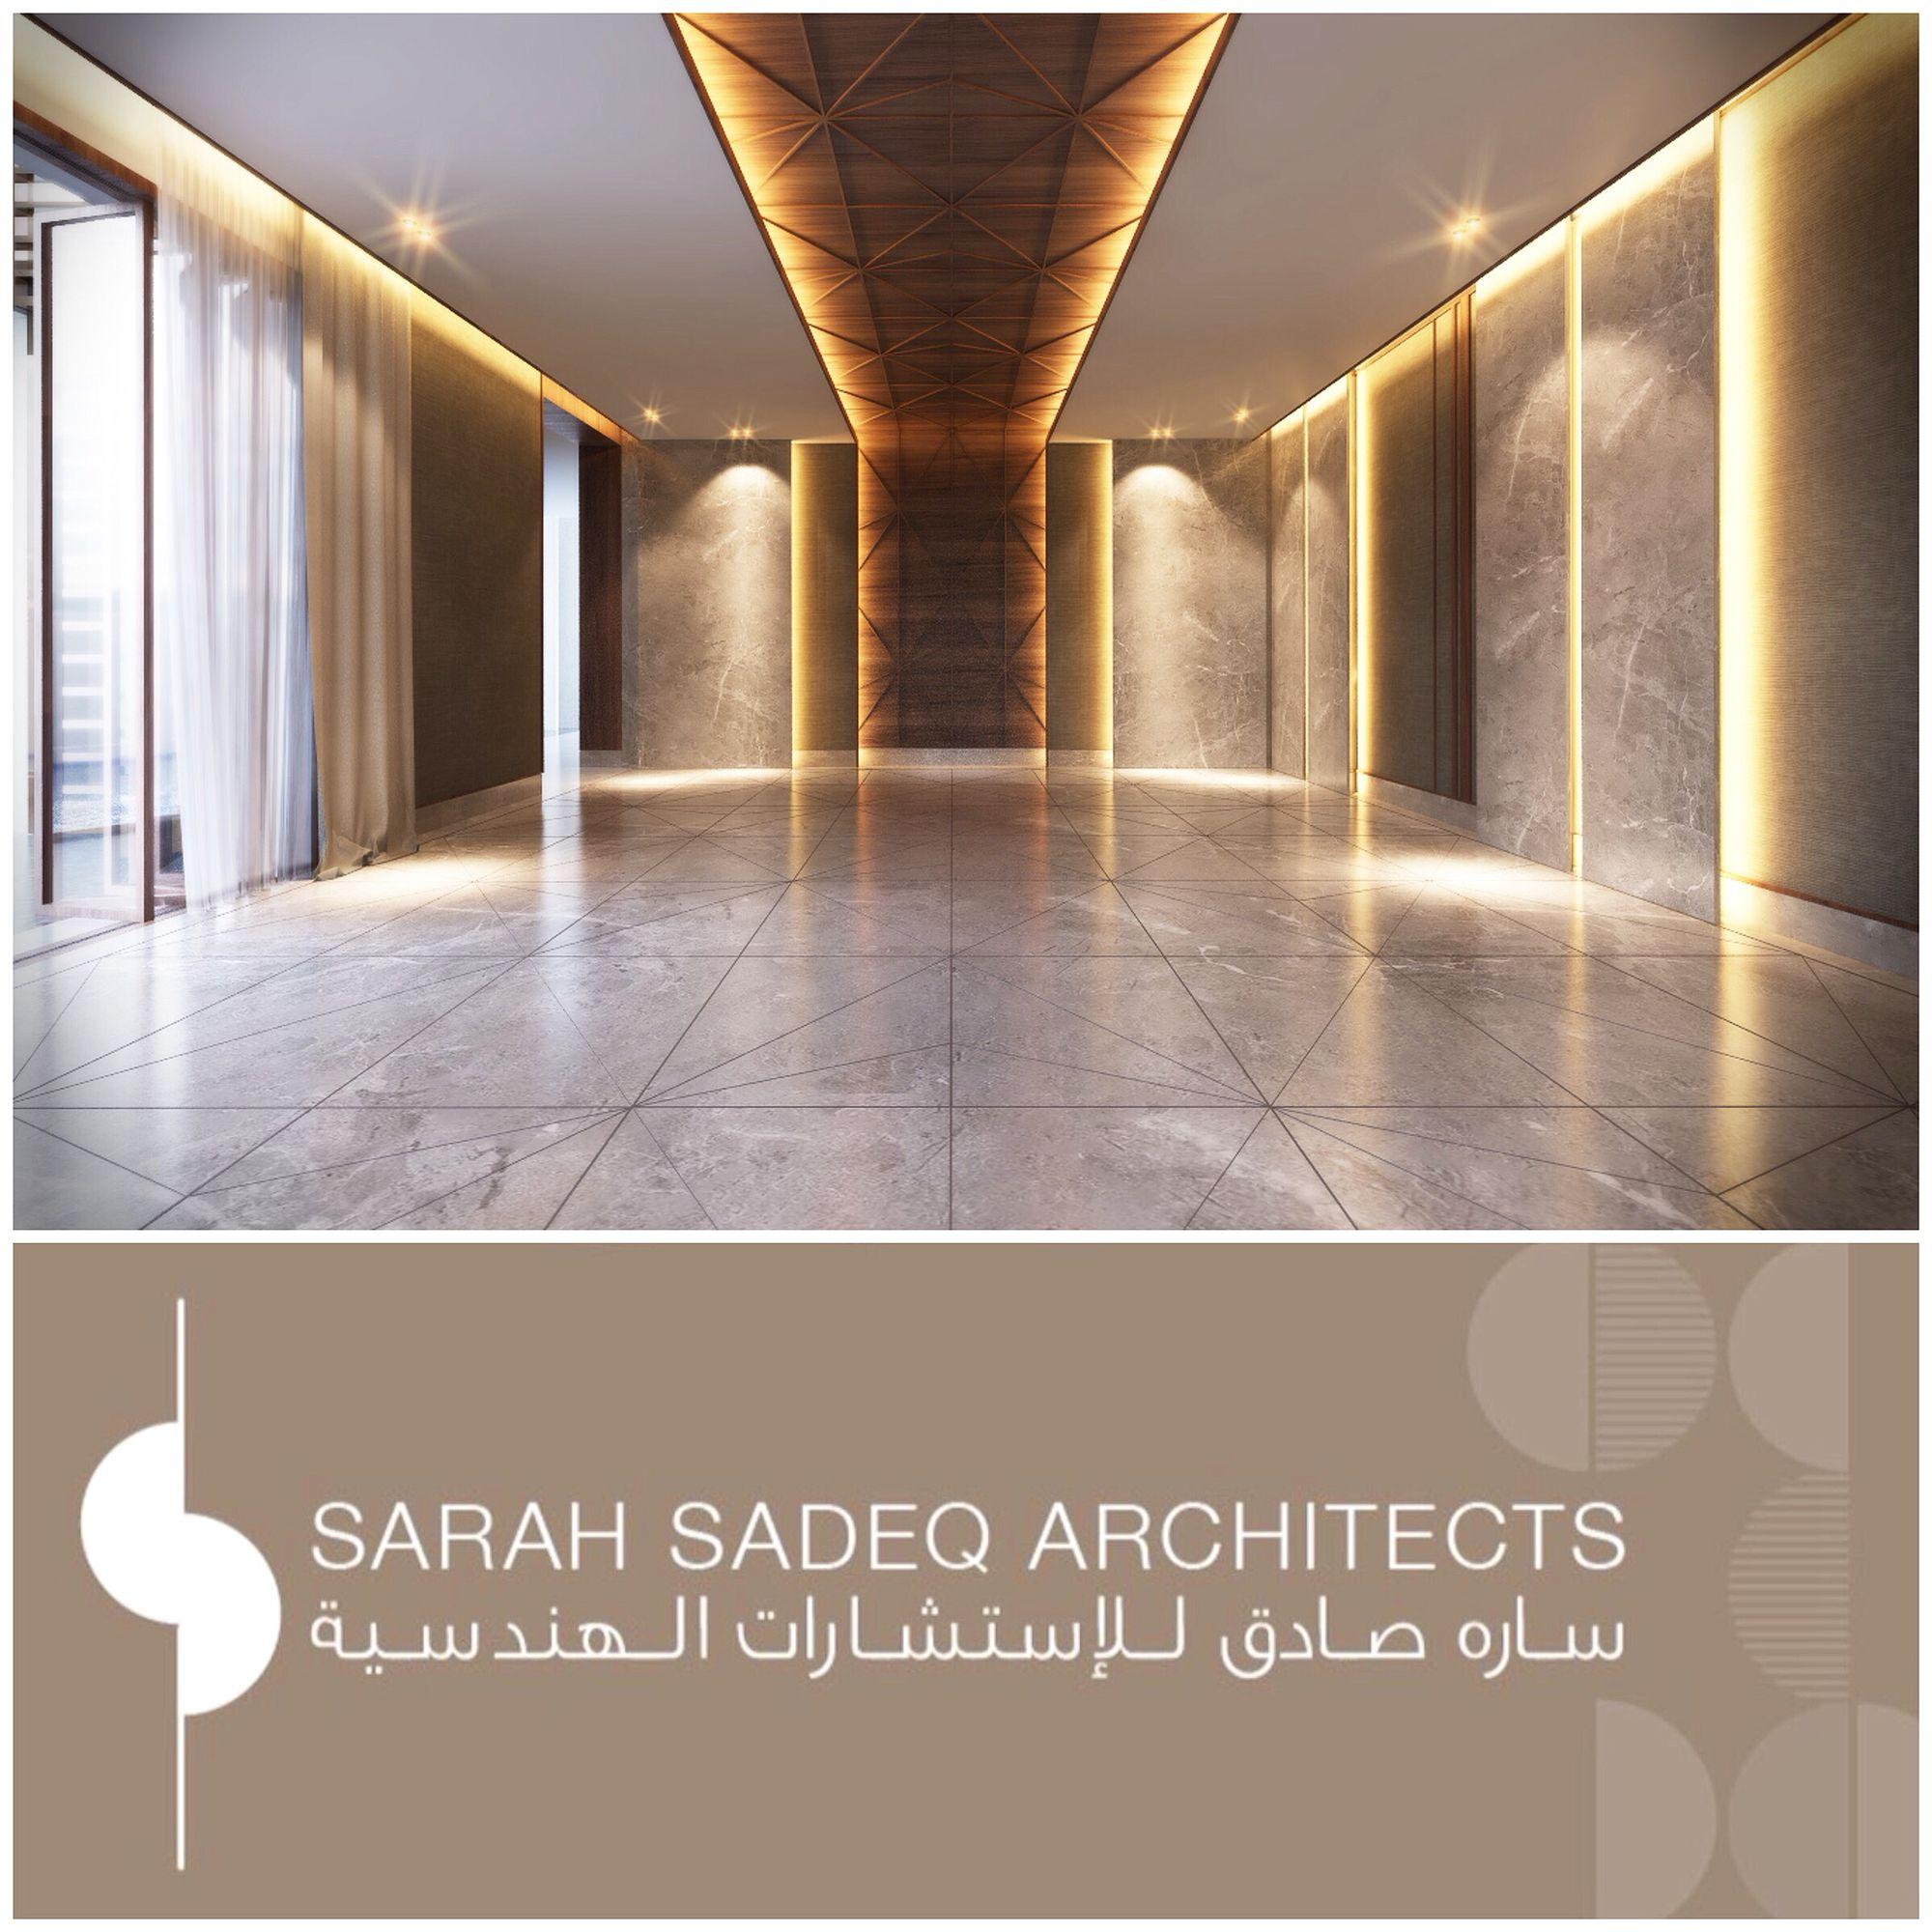 Interior Private Villa 500 M Kuwait Sarah Sadeq Architects